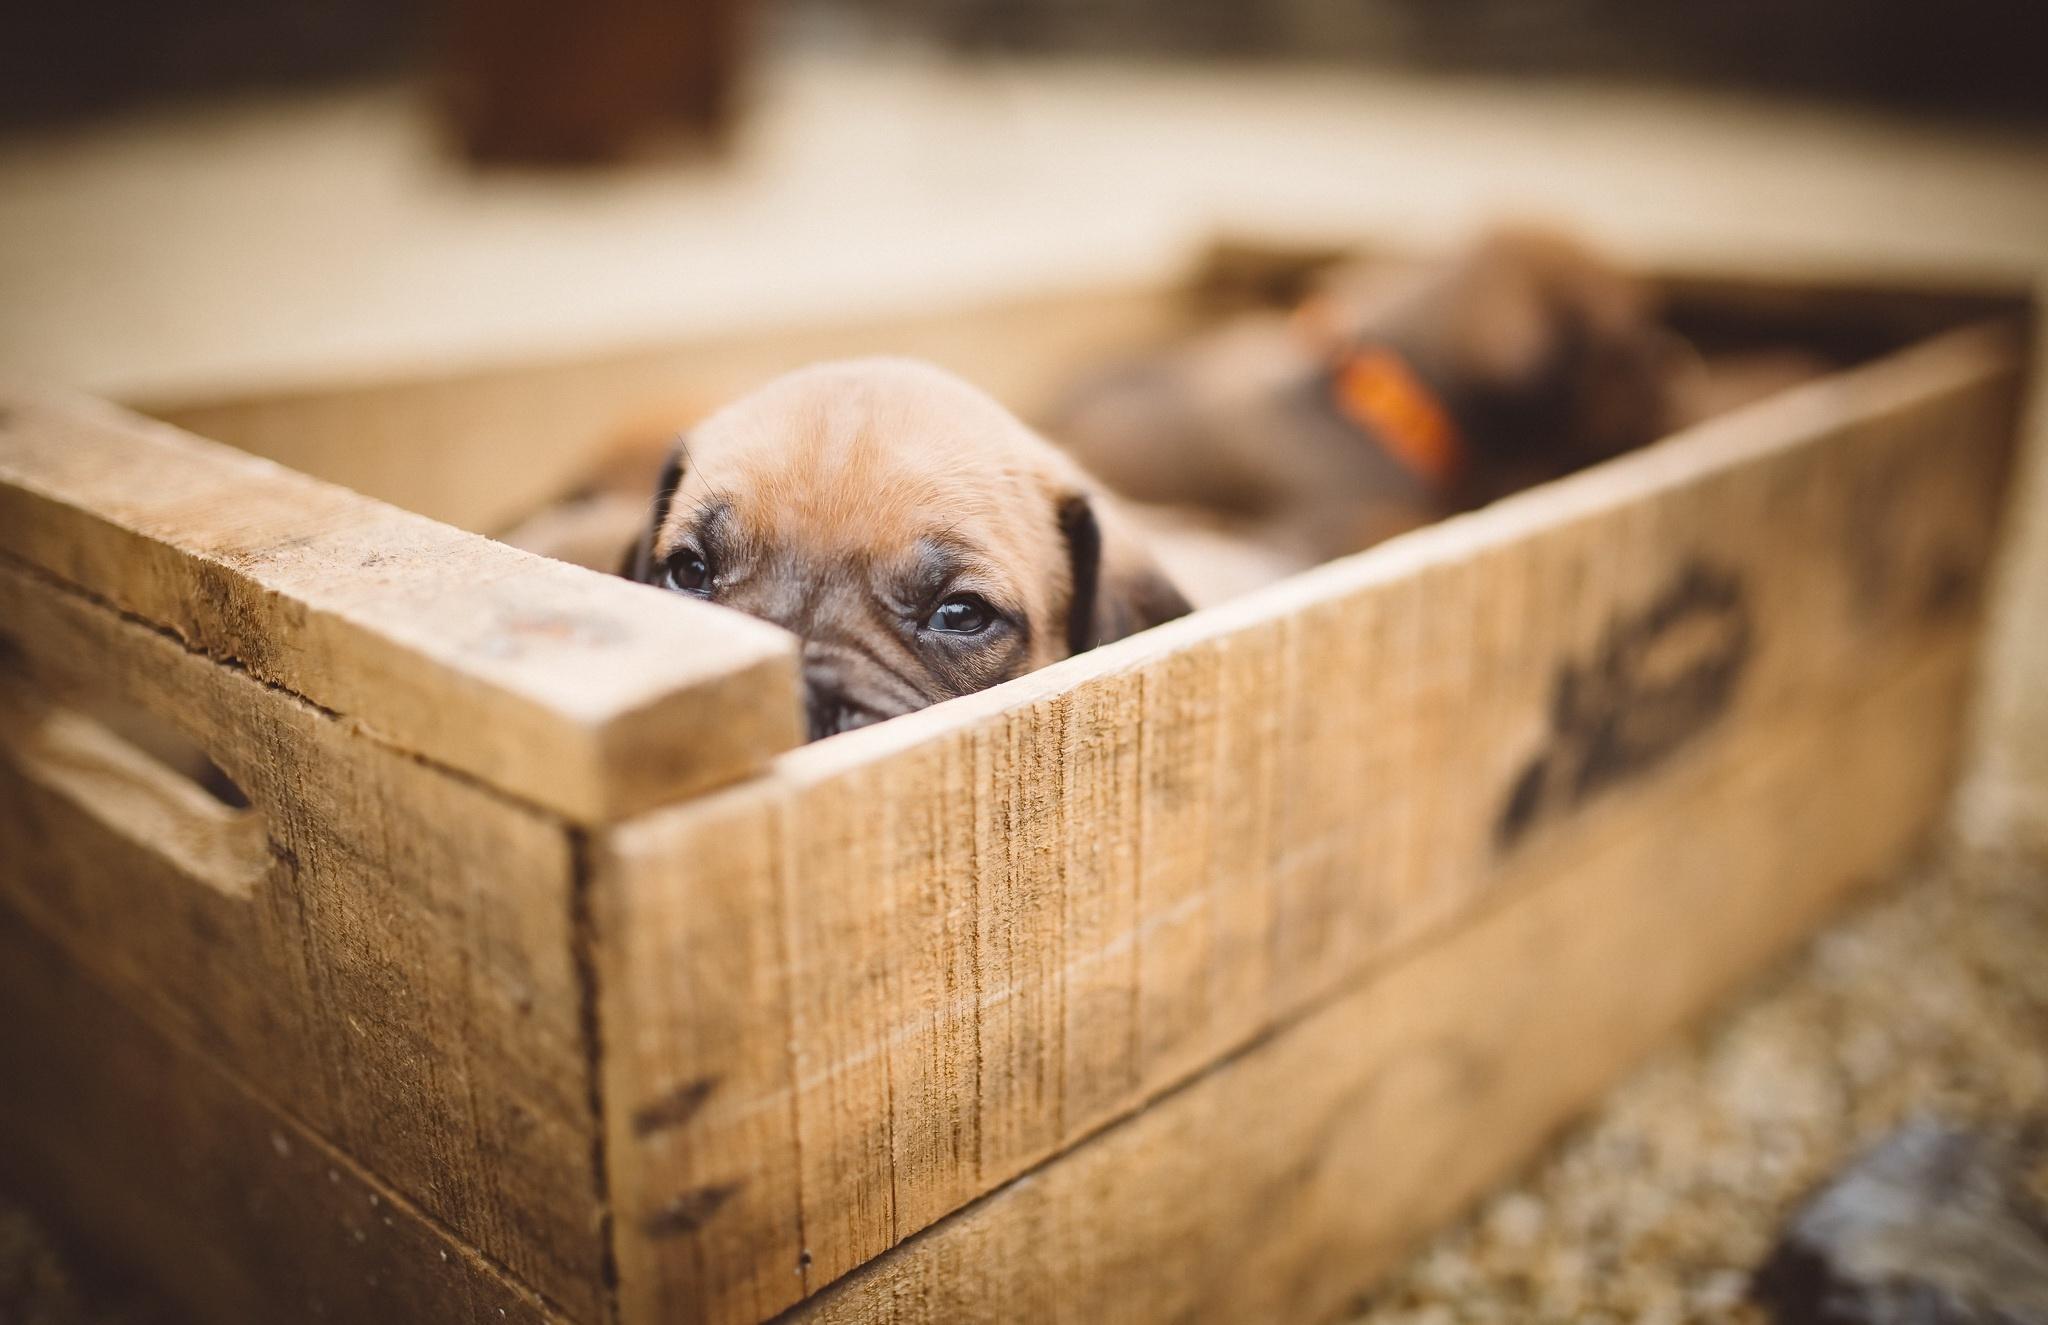 Картинка щенок в ящике